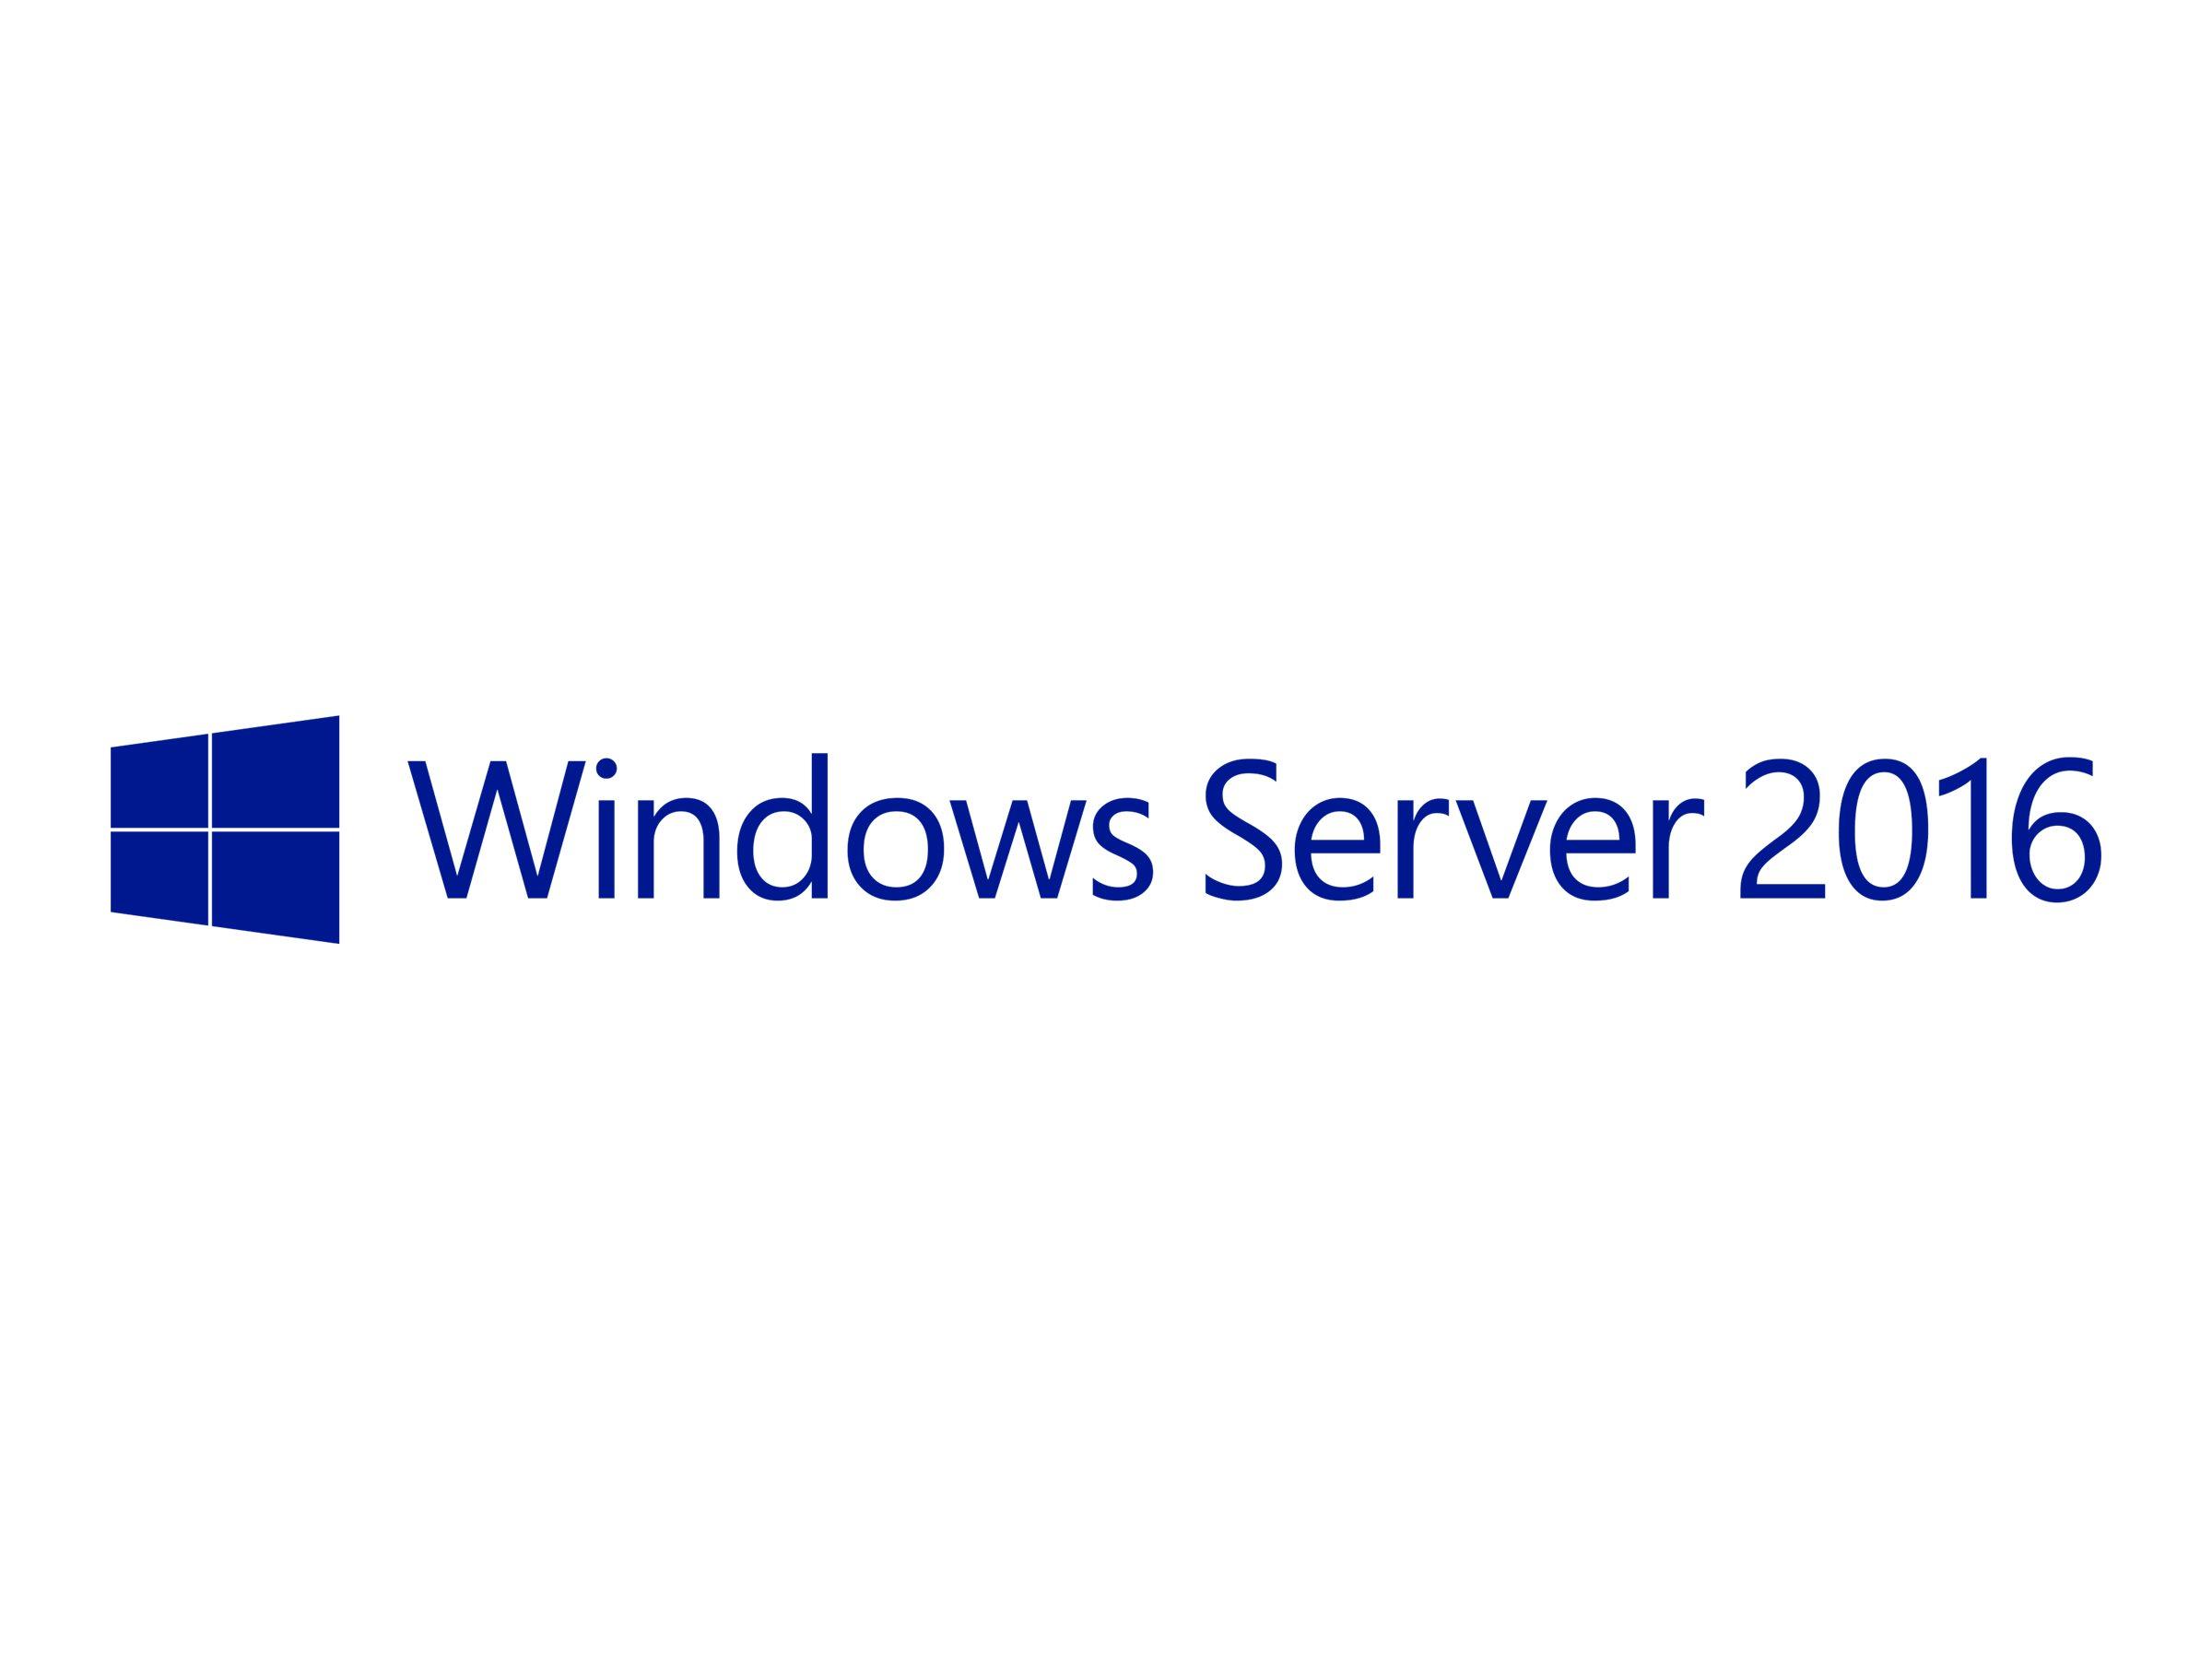 HPE Microsoft Windows Server 2016 Datacenter Edition - Lizenz - 4 zusätzliche Kerne - BIOS-gesperrt (Hewlett Packard Enterprise)